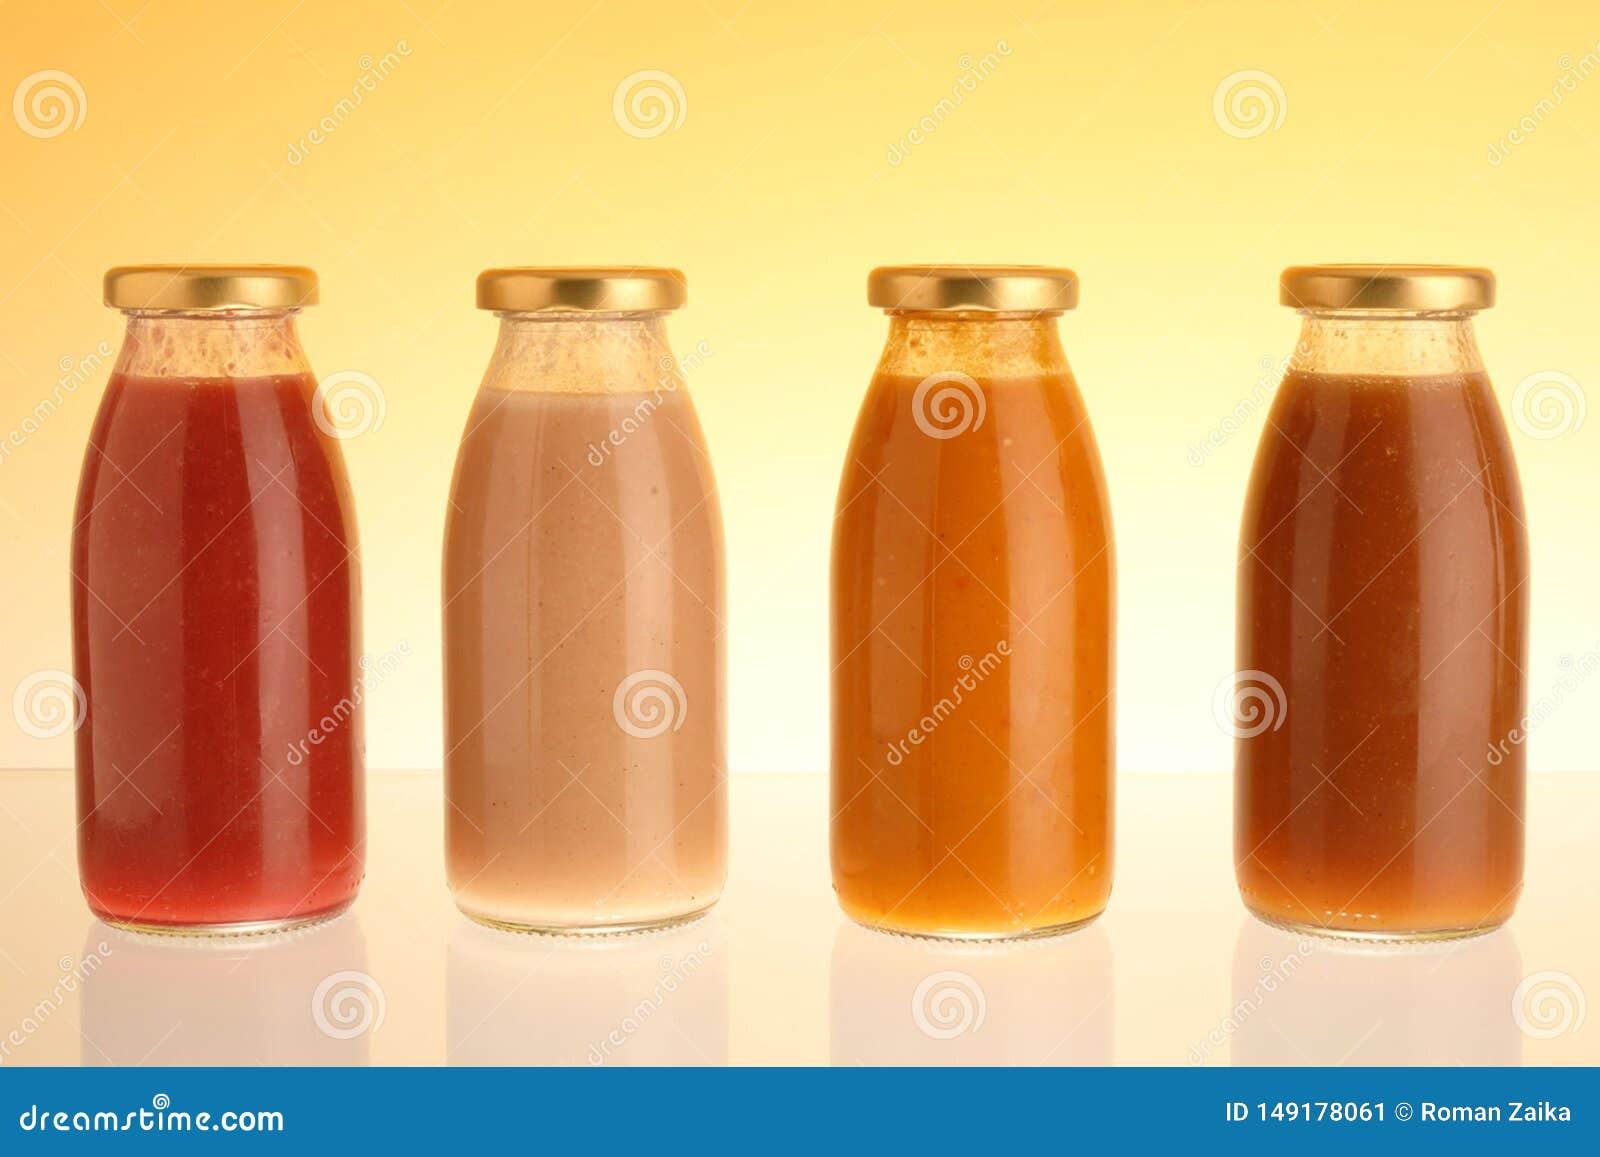 Χυμός της Apple, ροδάκινων, καρότων και δαμάσκηνων σε ένα μπουκάλι γυαλιού